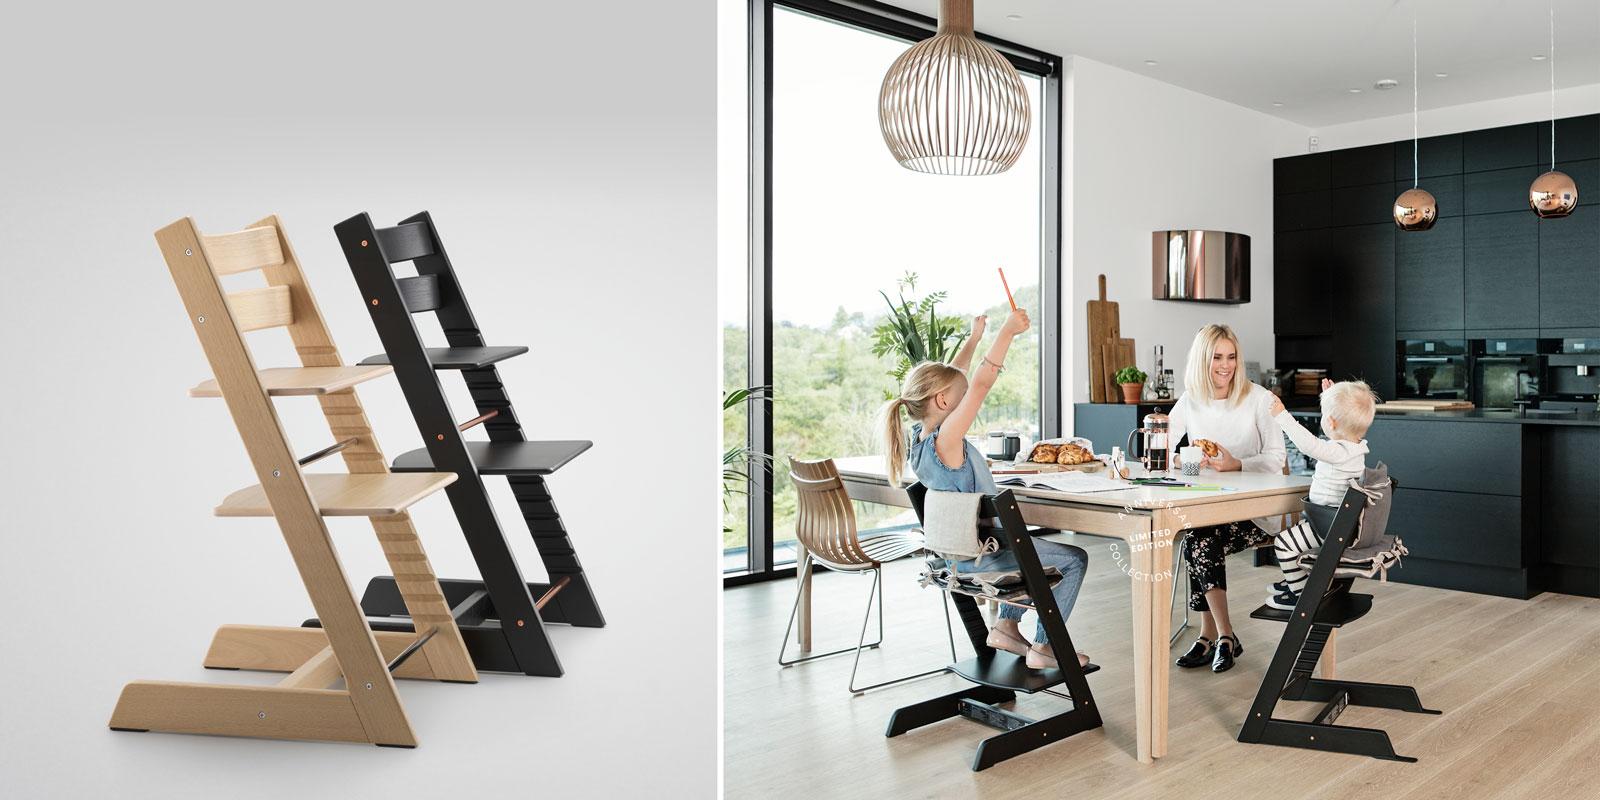 stroller high chair baby carrier nursery car seat stokke official website stokke. Black Bedroom Furniture Sets. Home Design Ideas